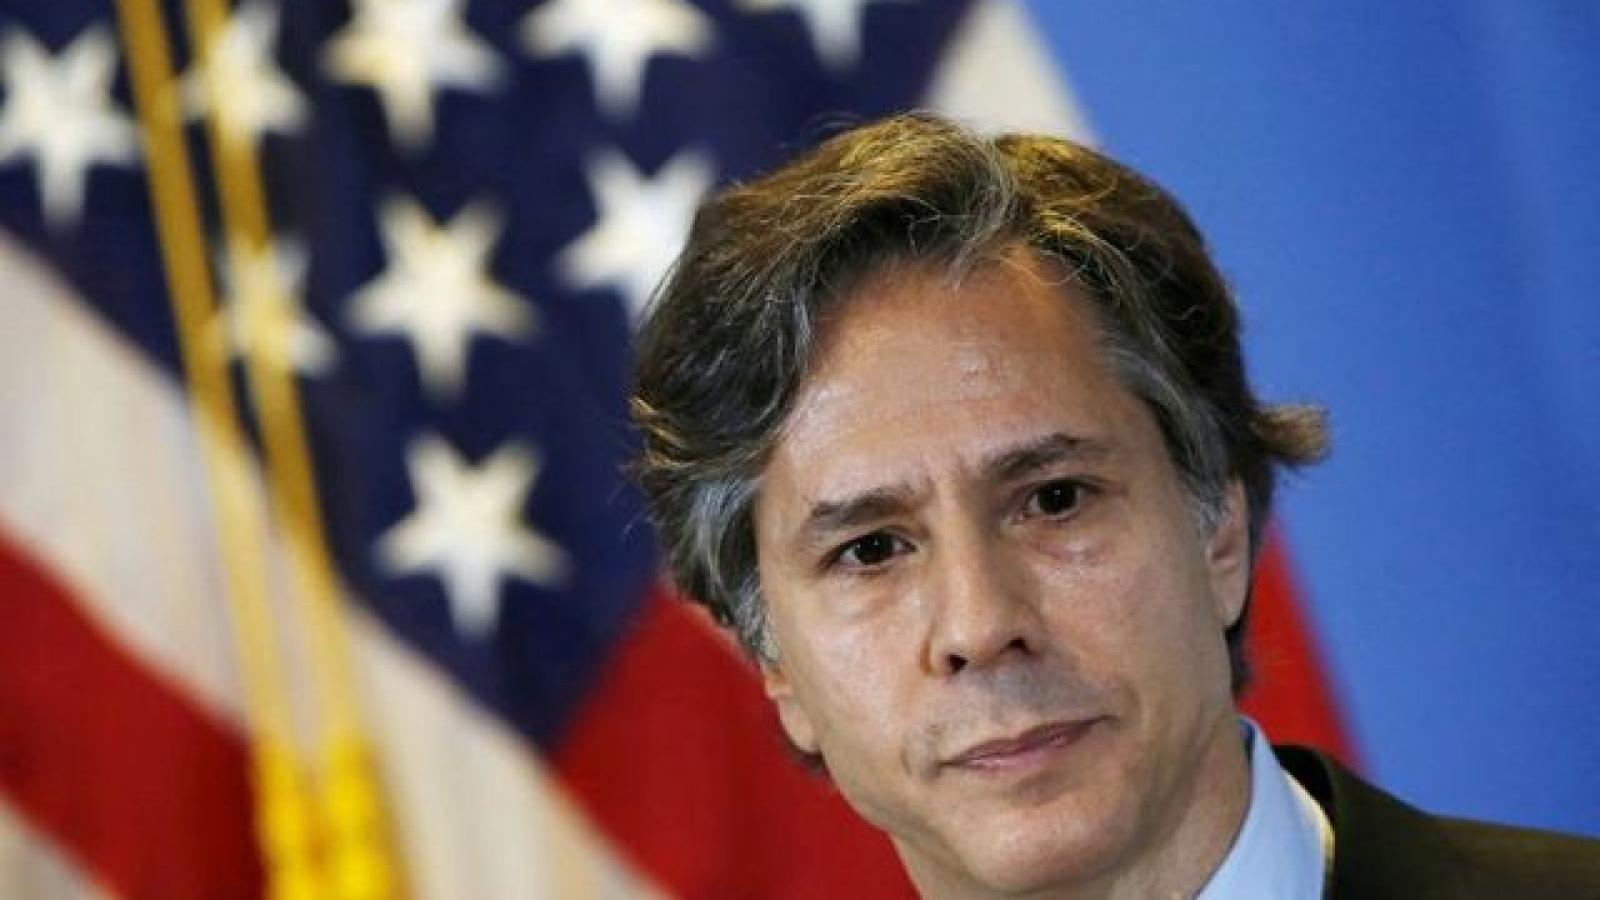 Tiết lộ ứng viên hàng đầu cho vị trí Ngoại trưởng Mỹ trong chính quyền Biden